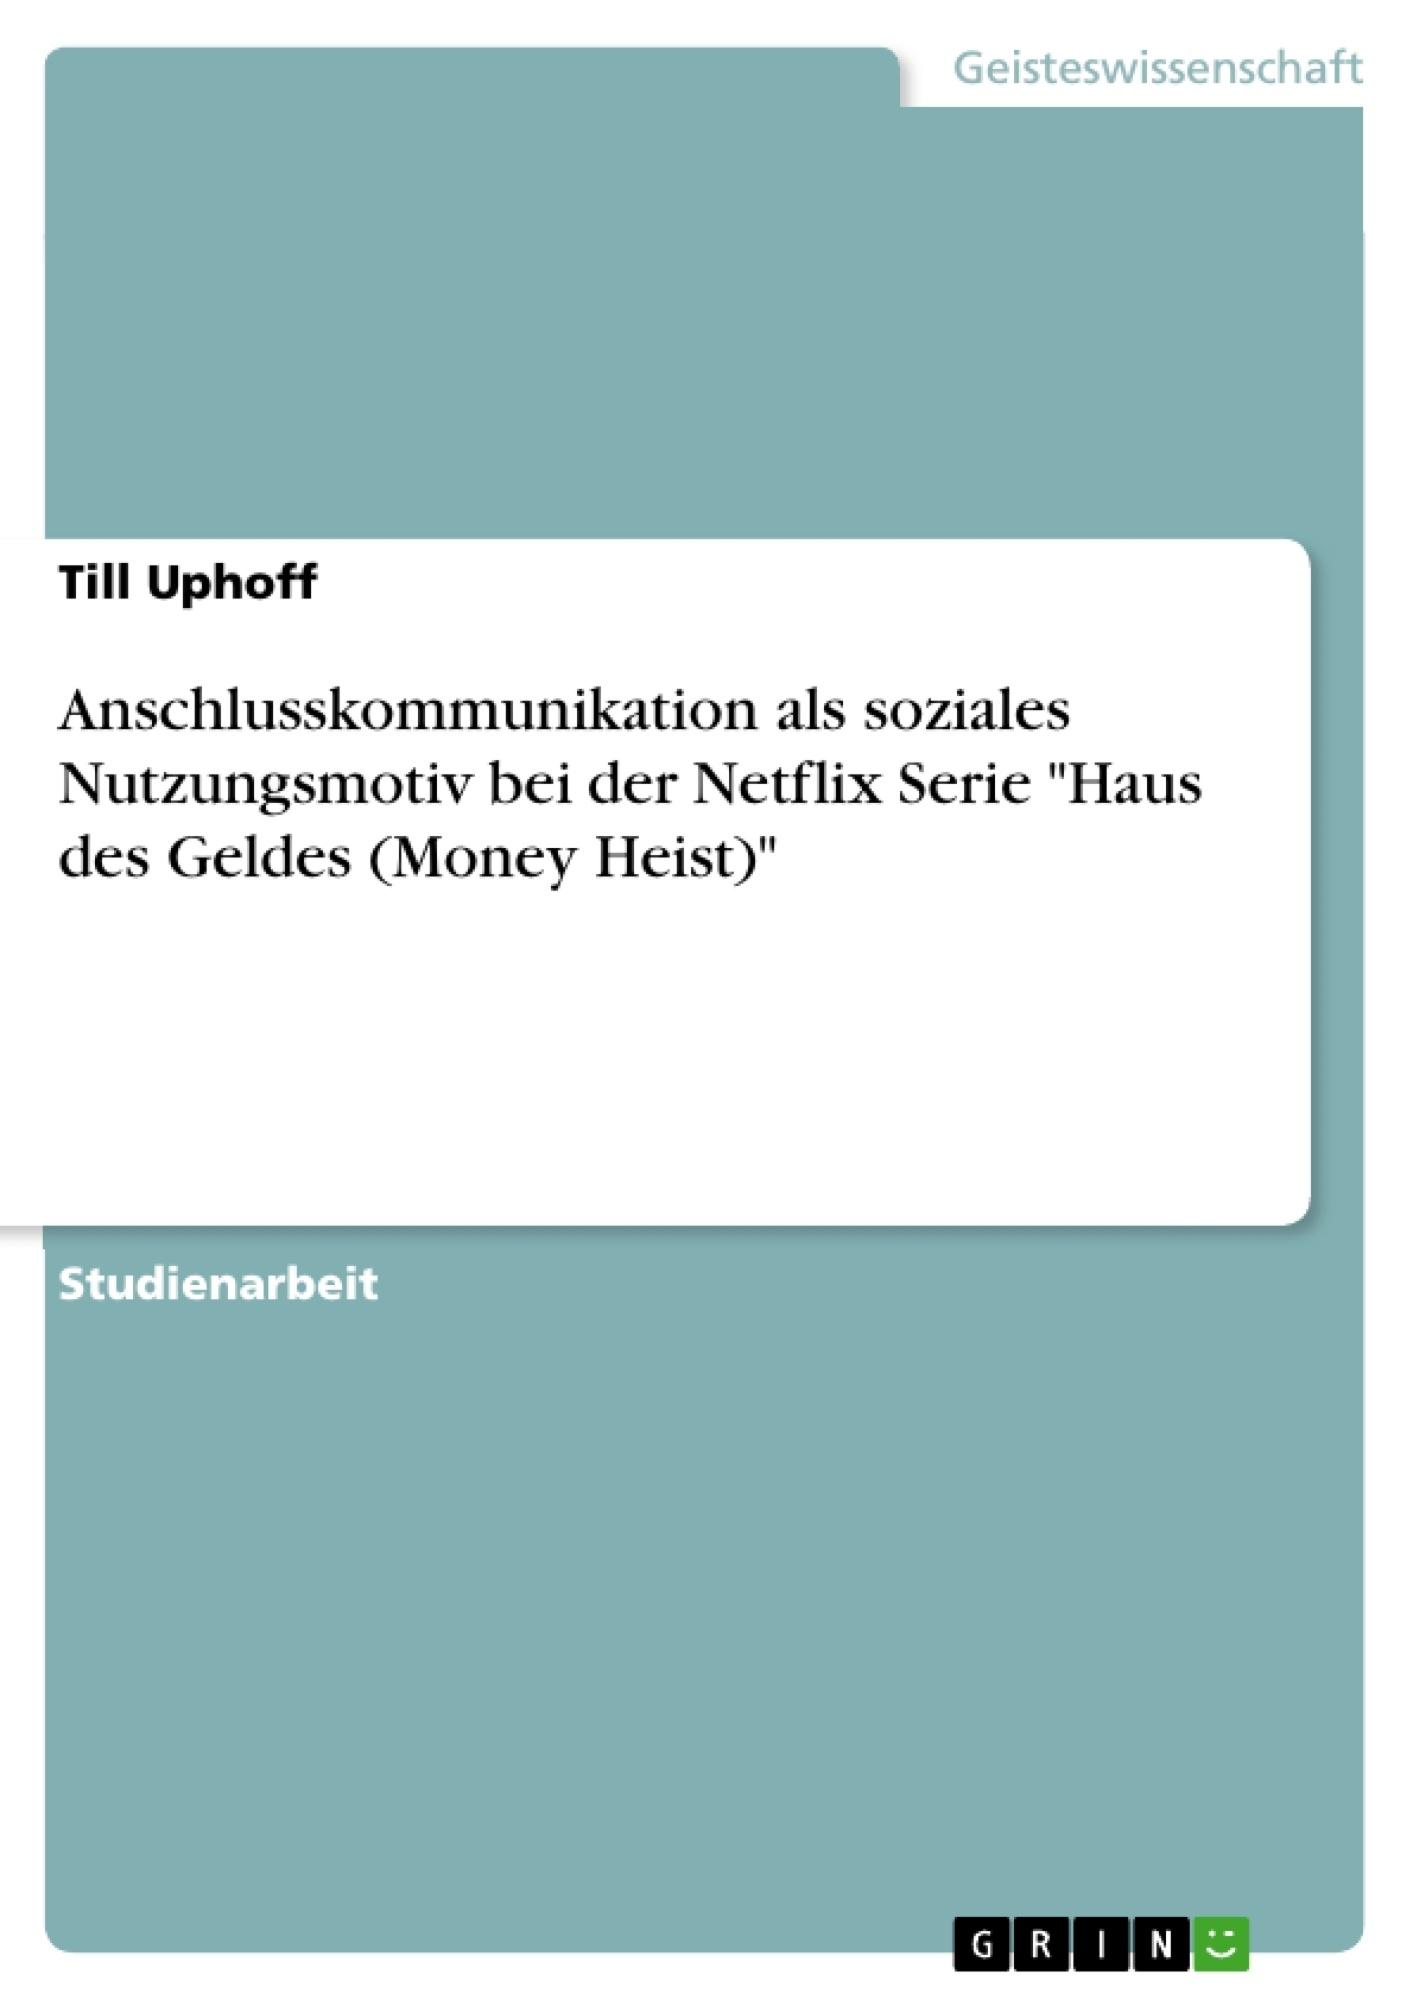 """Titel: Anschlusskommunikation als soziales Nutzungsmotiv bei der Netflix Serie """"Haus des Geldes (Money Heist)"""""""